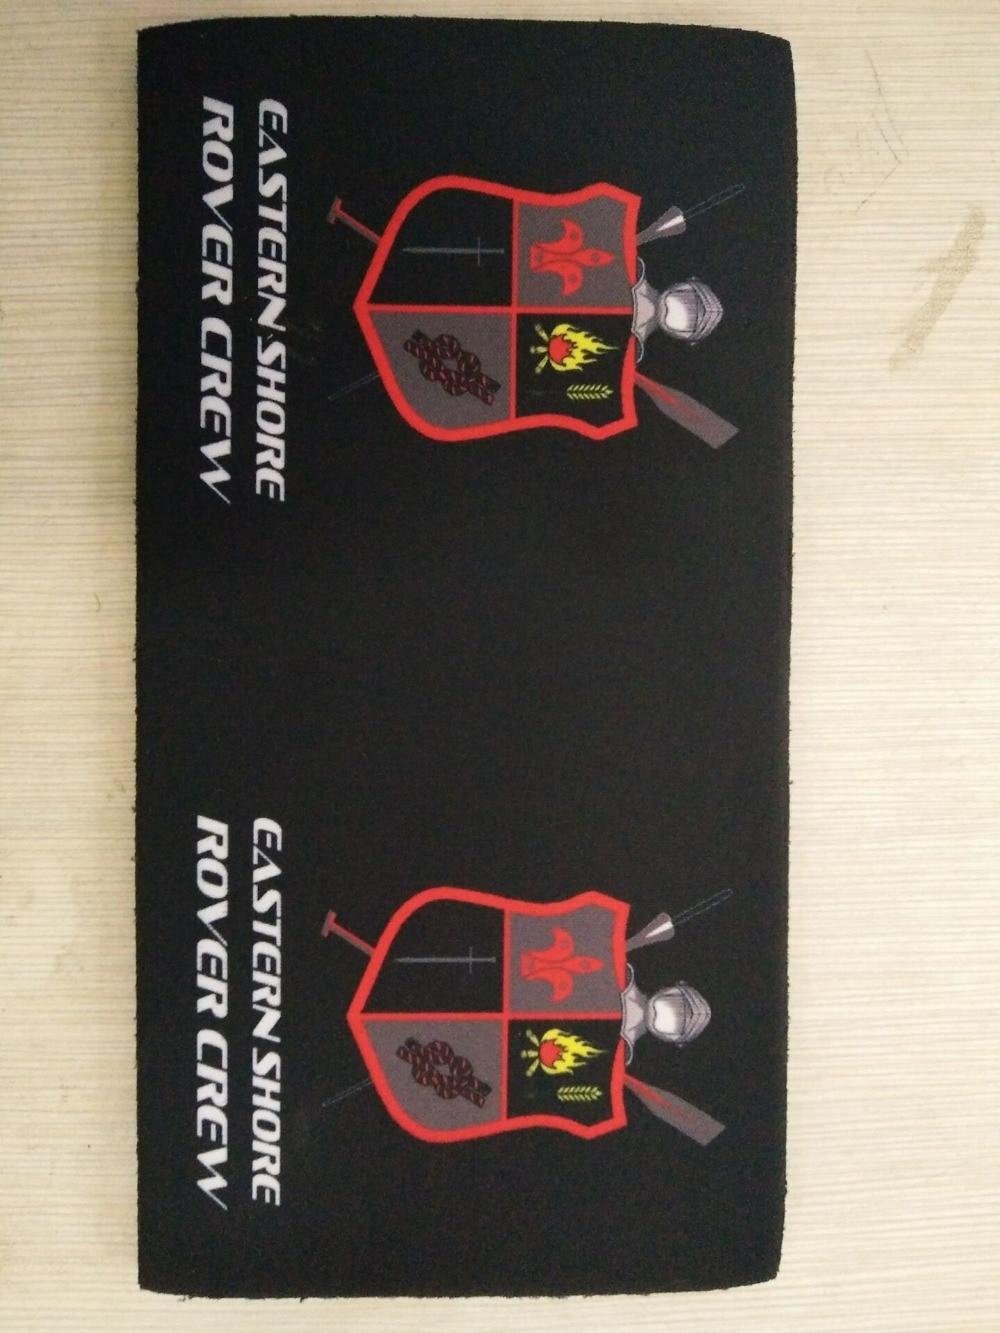 Kann Für Geschenk, Kundenspezifische Logo/muster Gedruckt, Freies Verschiffen